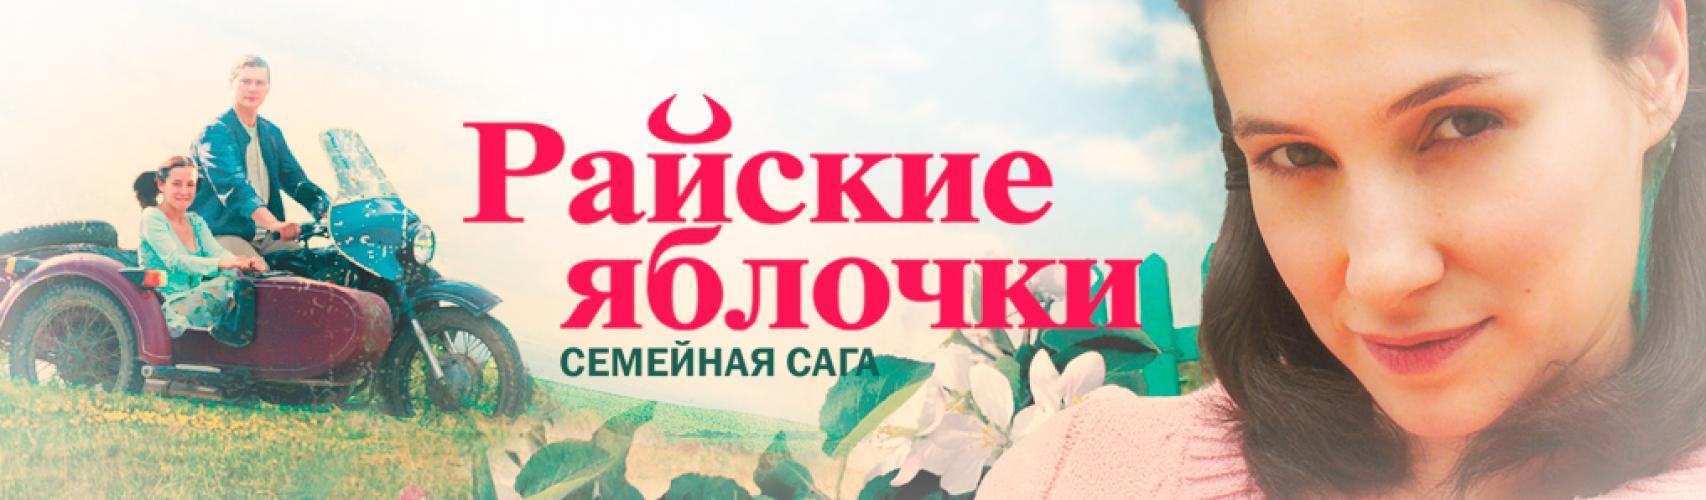 Райские яблочки next episode air date poster